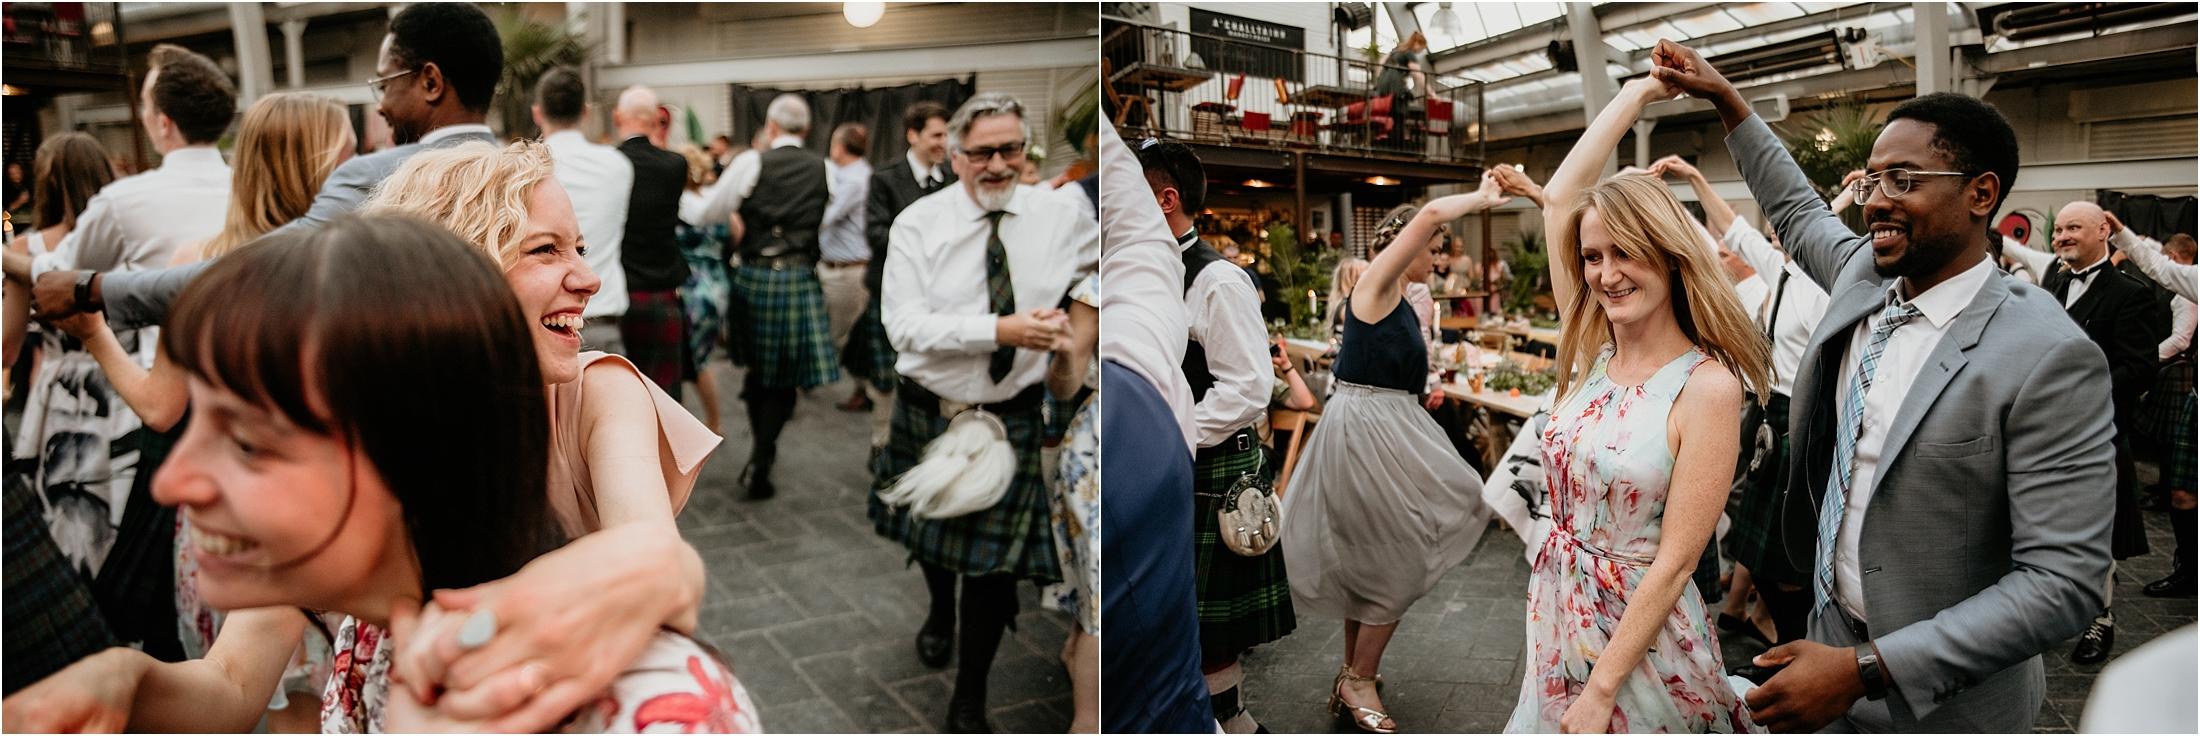 Glasgow-BAaD-Wedding_127.jpg